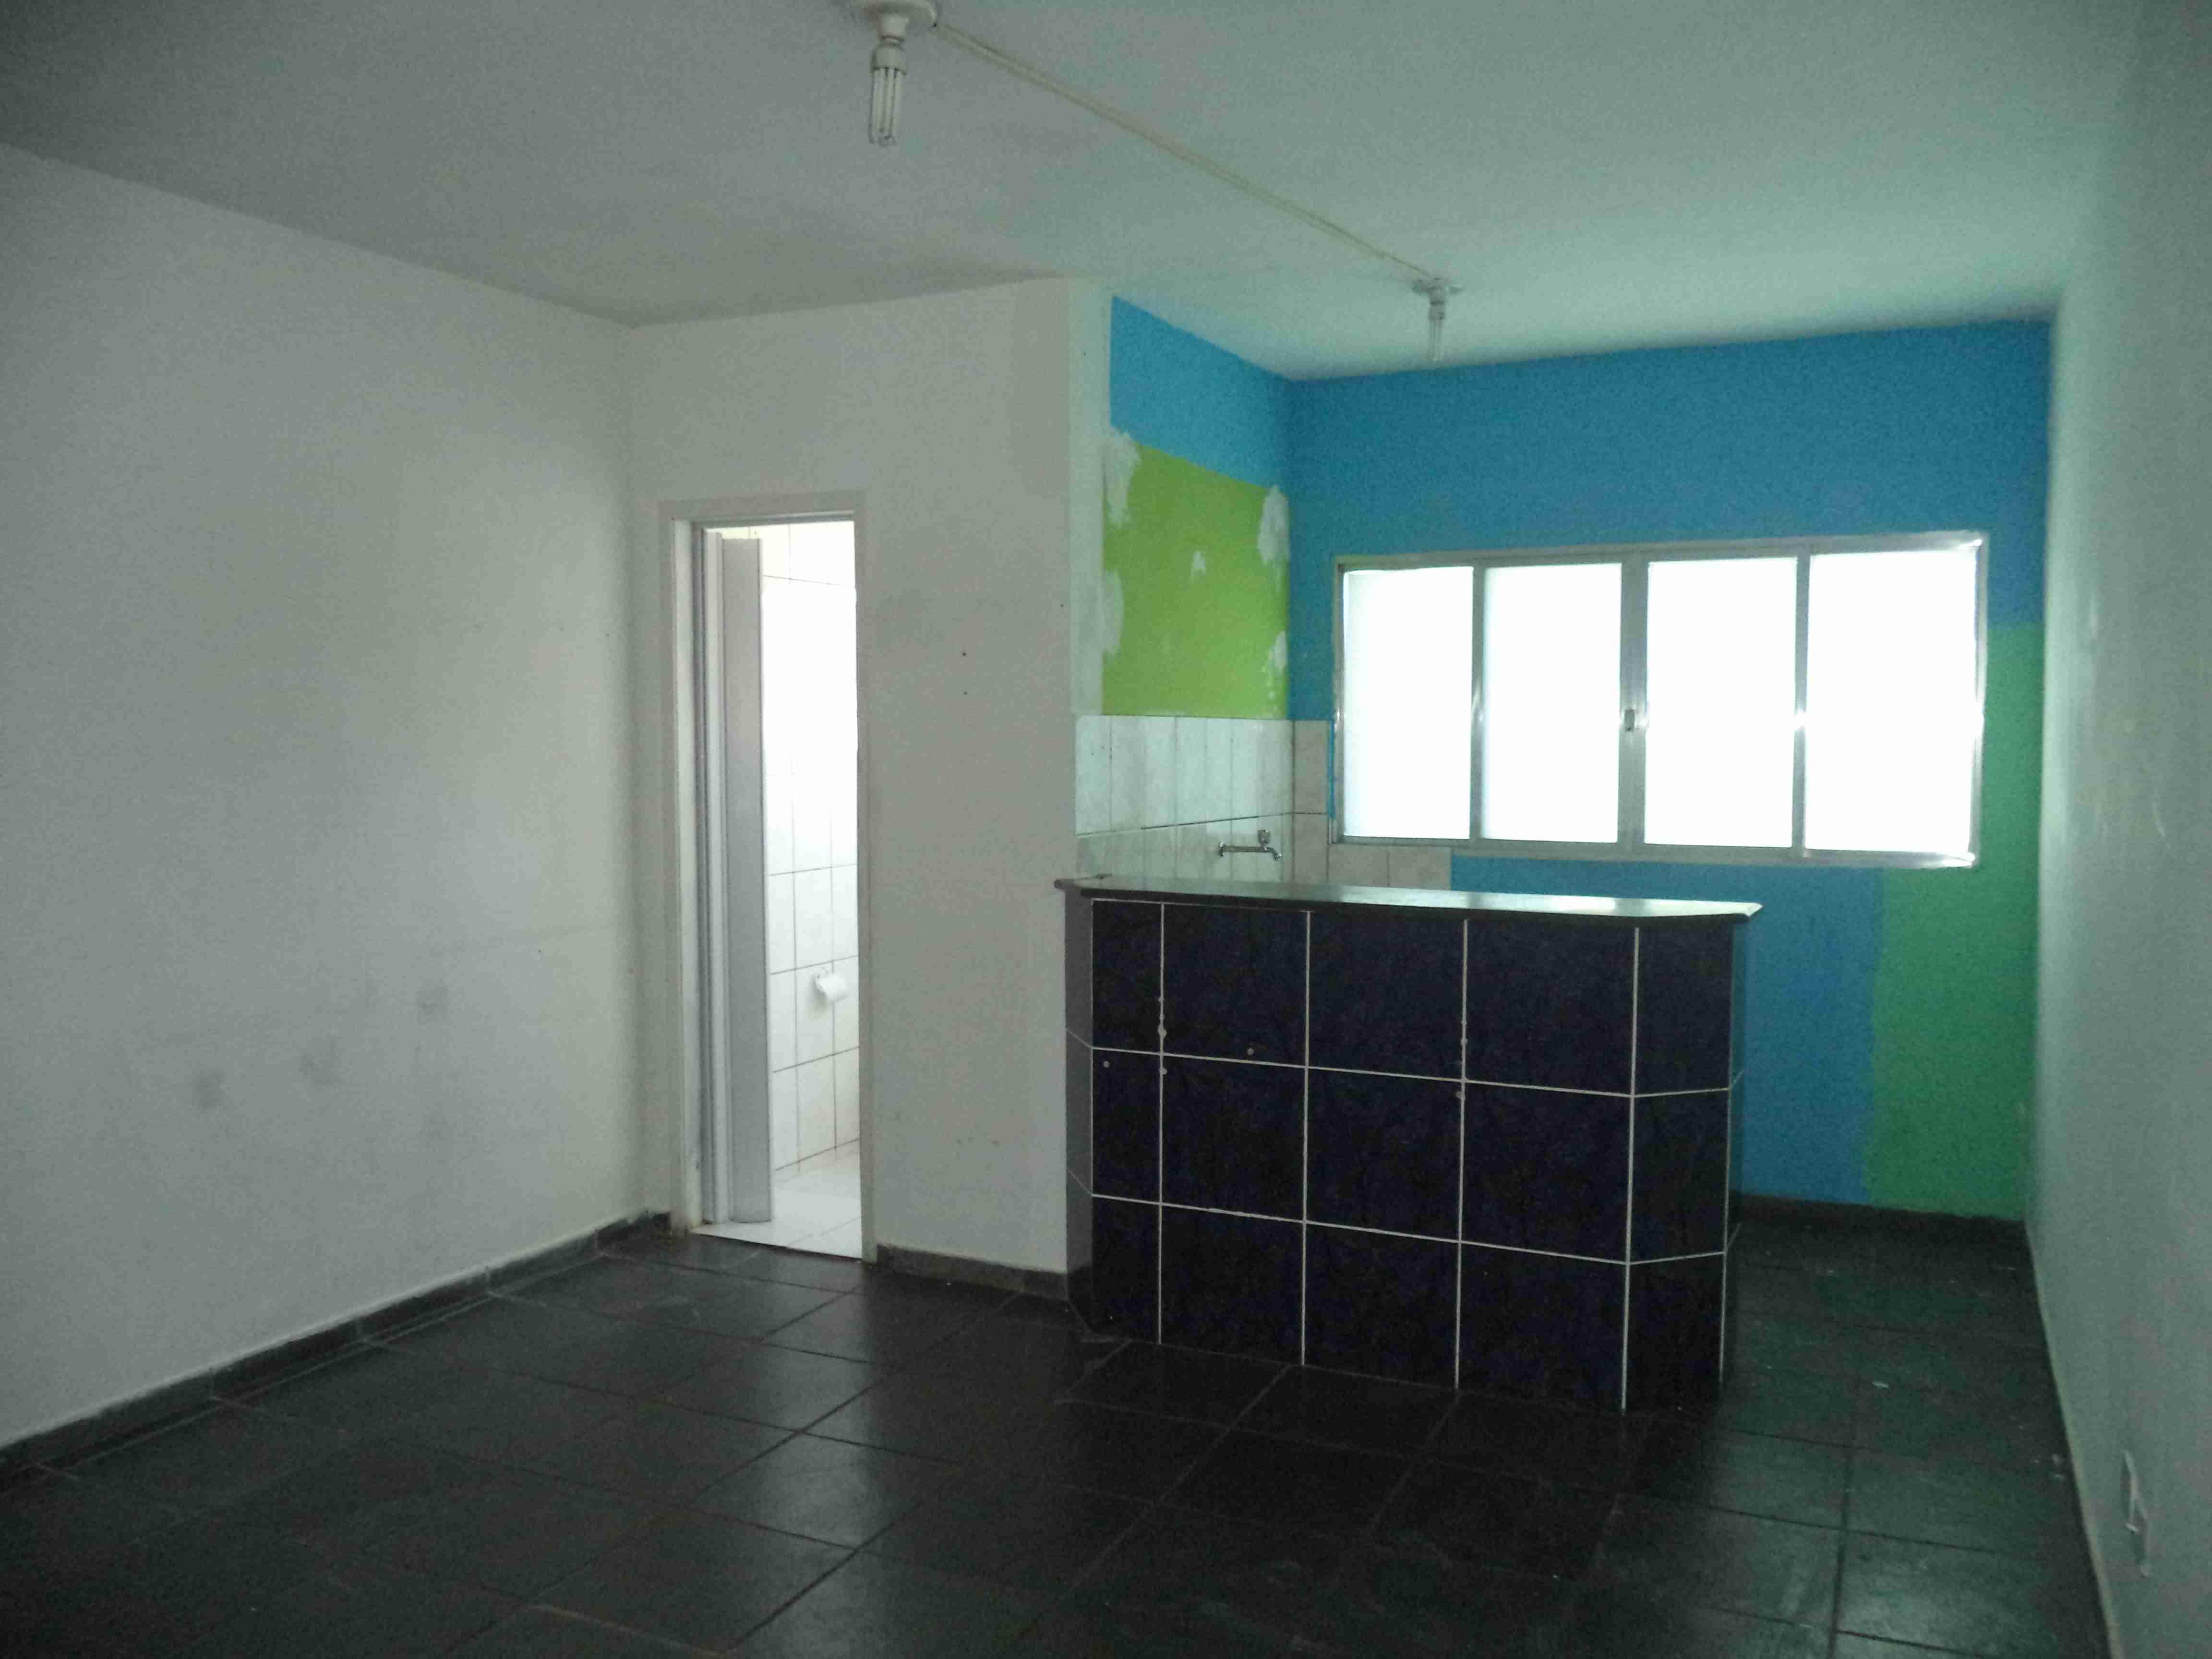 #1E515F Sinale Imóveis Venda e Locação imóvel ideal para você 4608x3456 px Banheiro Ideal Ltda 3001